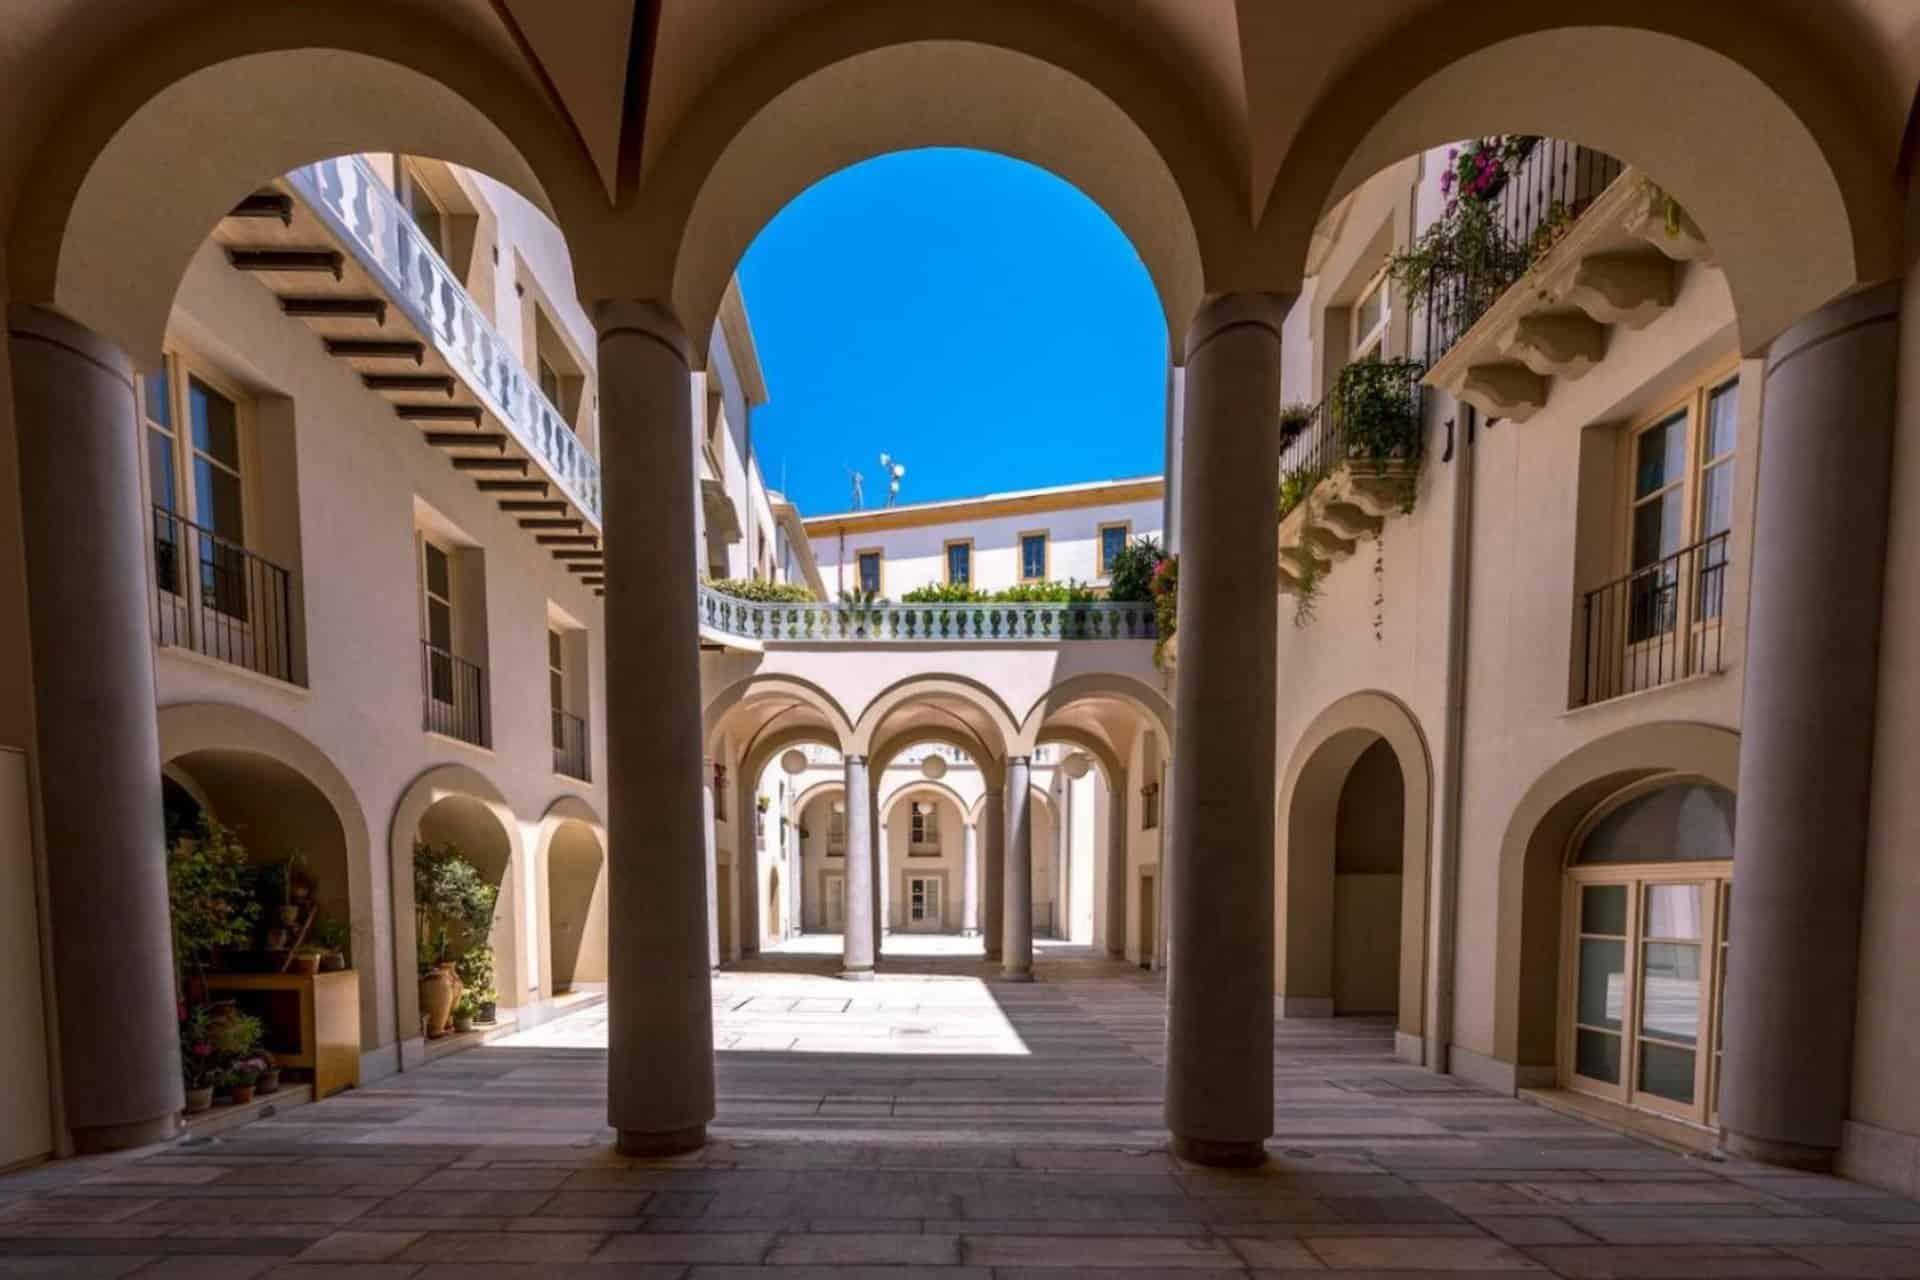 bb one palermo palazzo lampedusa (5)